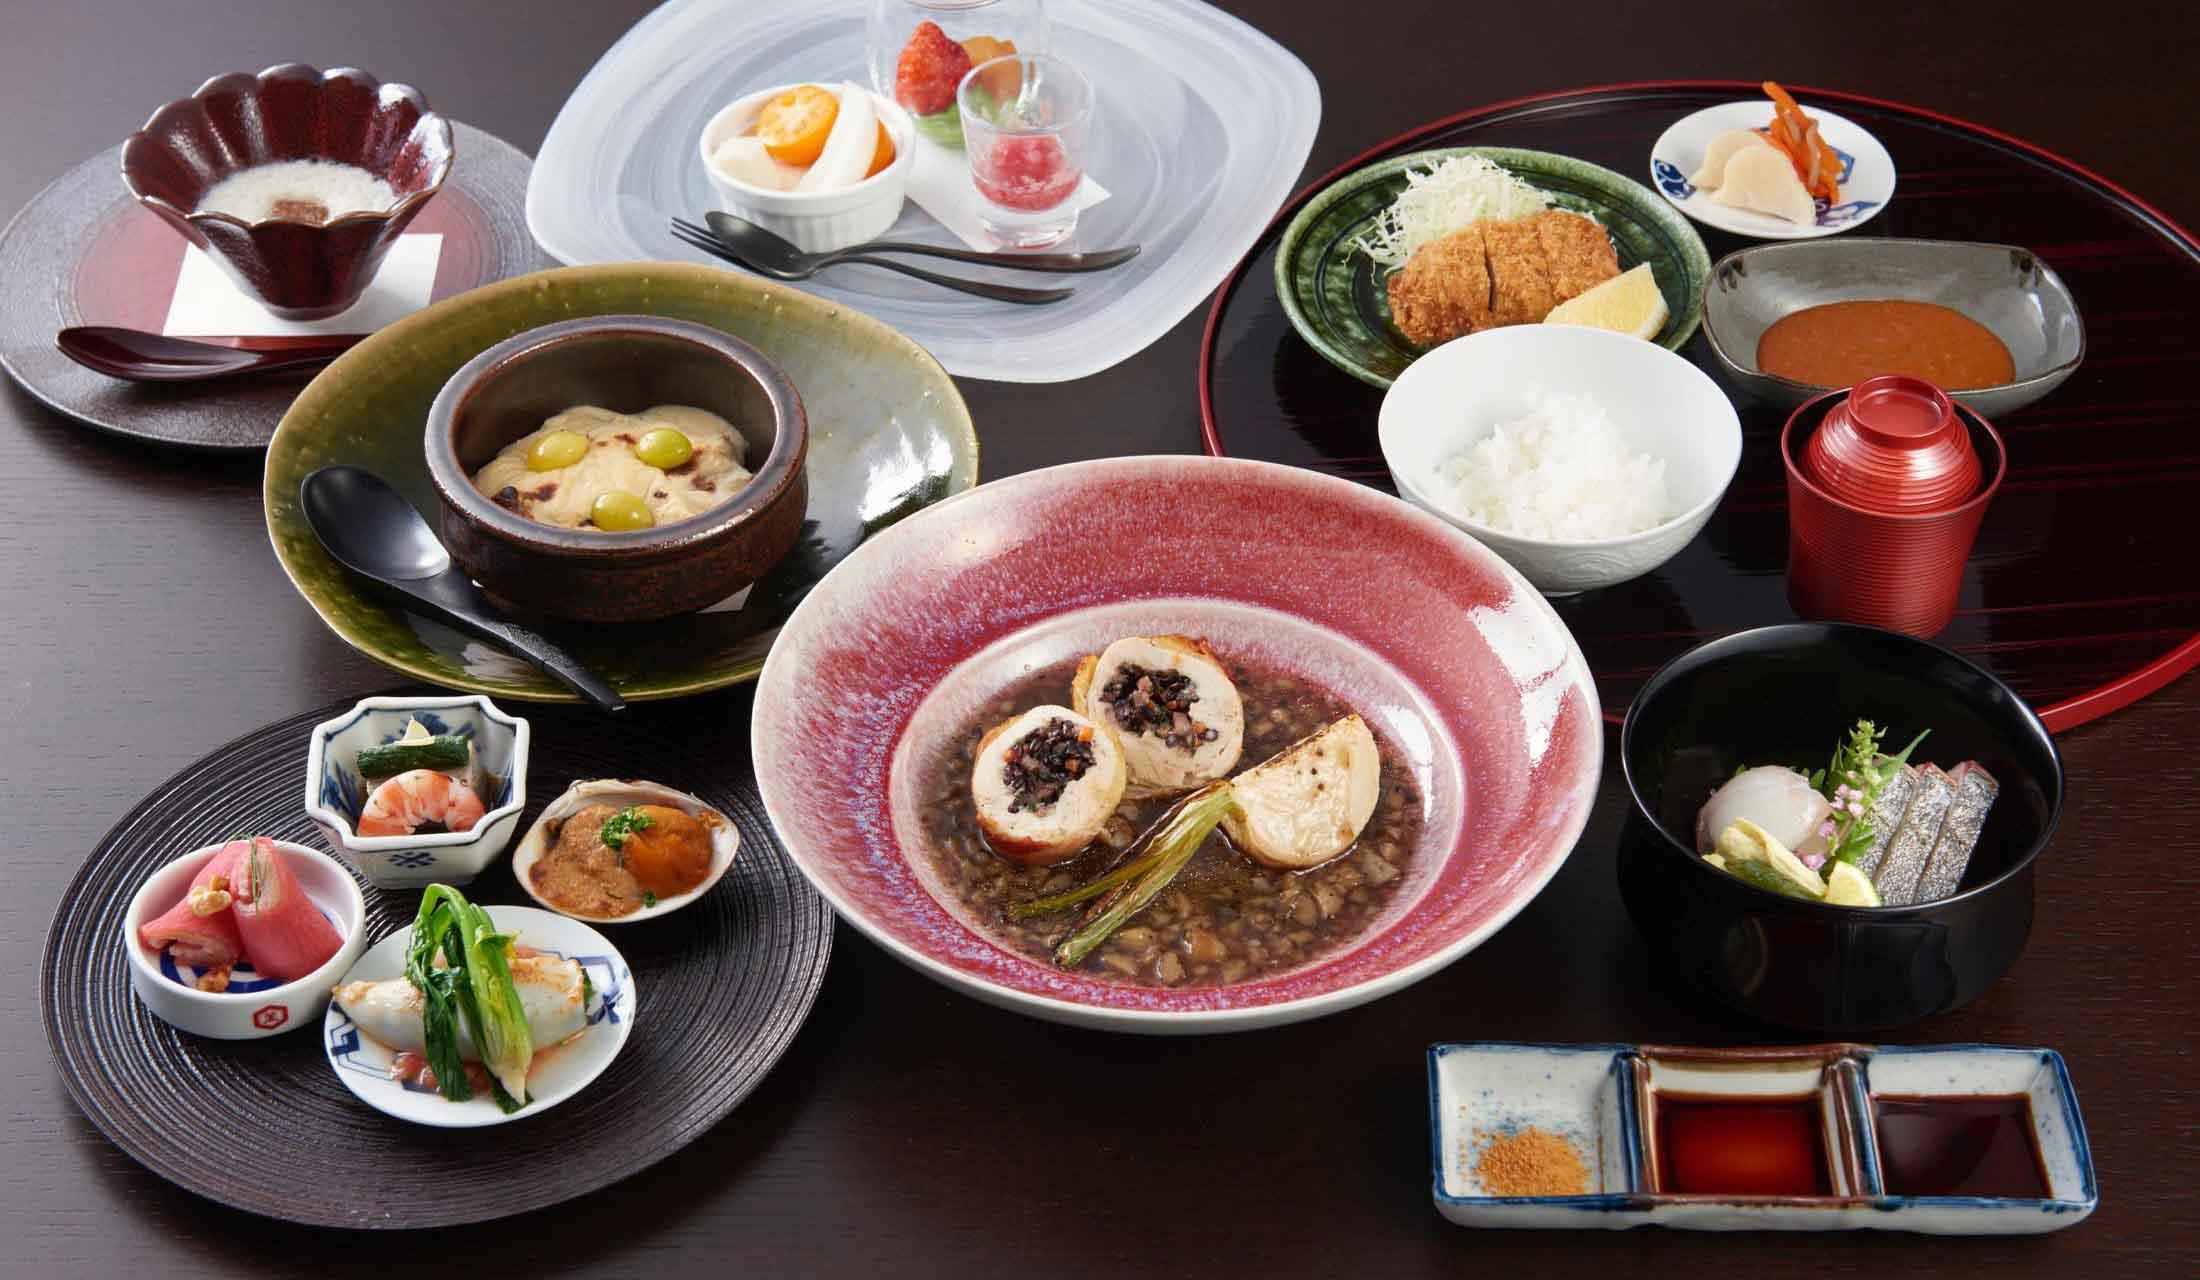 キッコーマン ライブキッチン東京のコース料理